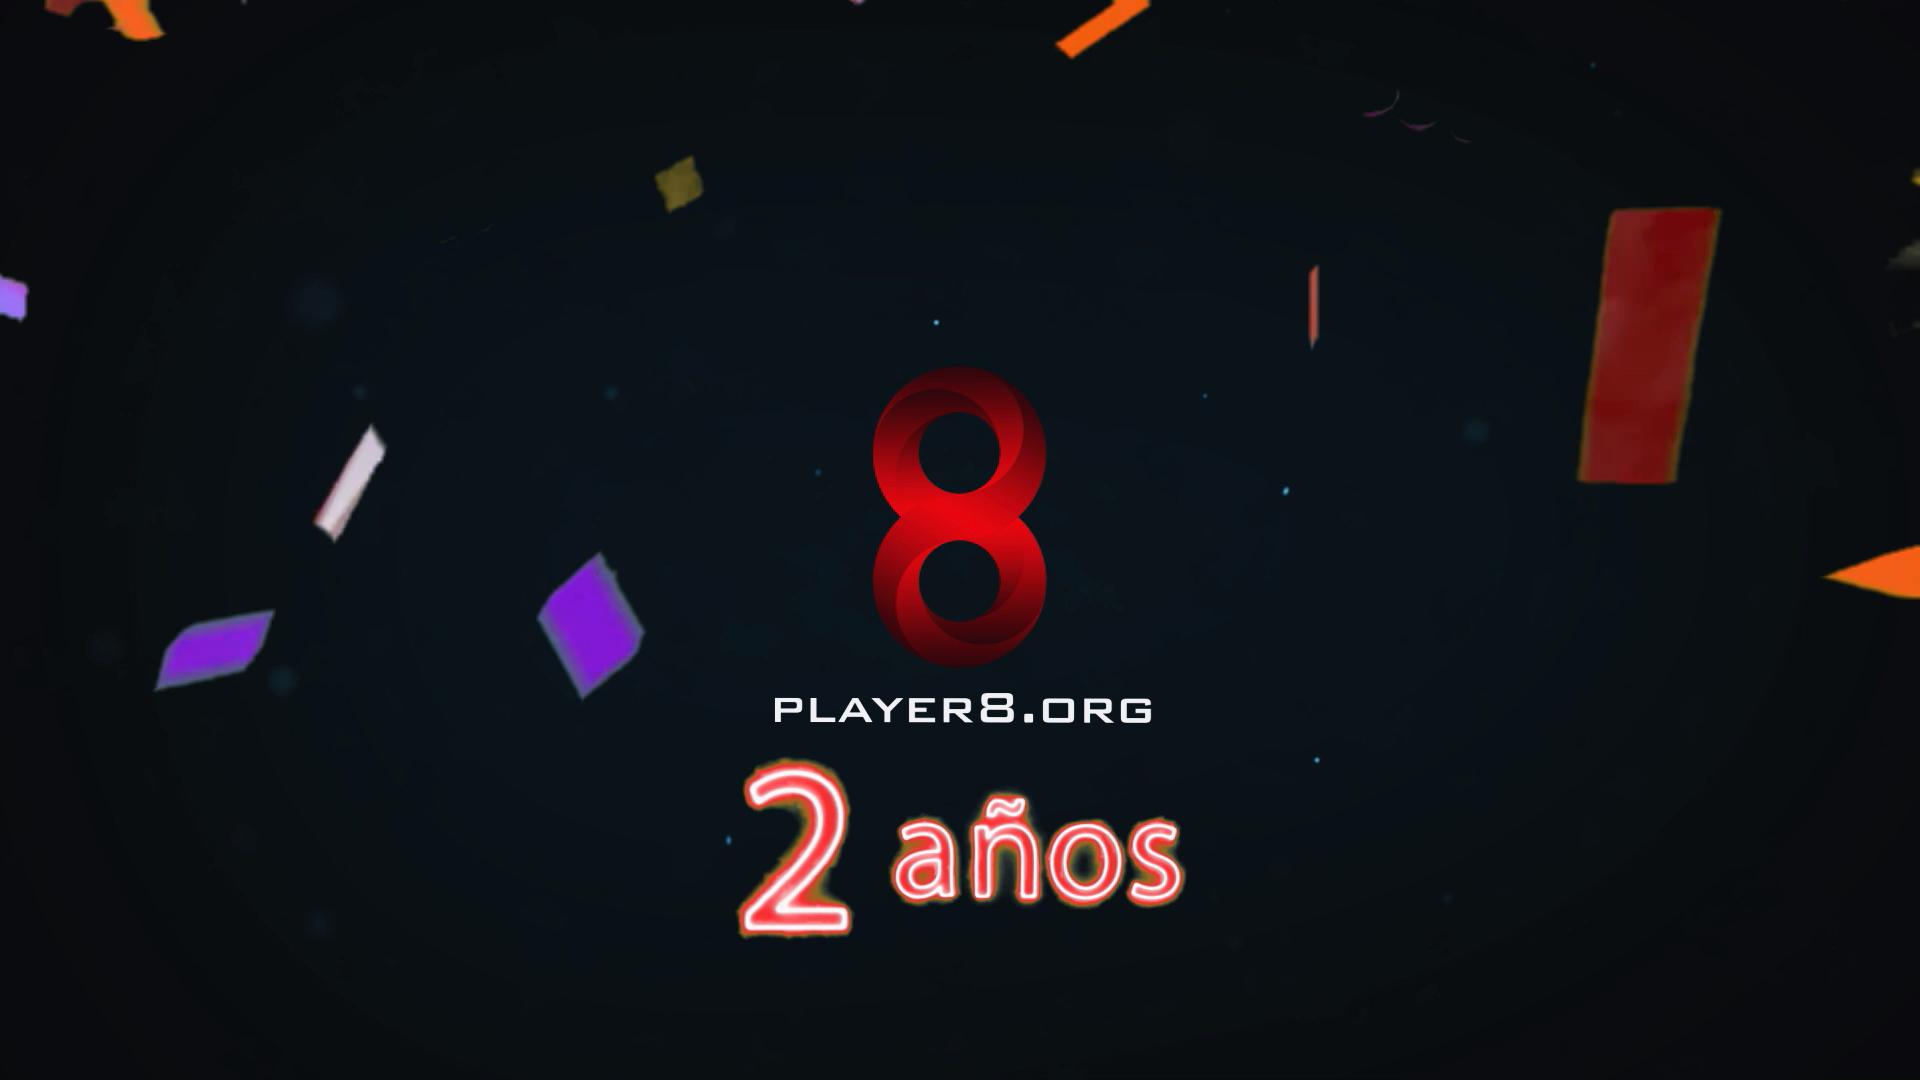 Player8.org cumple 2 años de vida